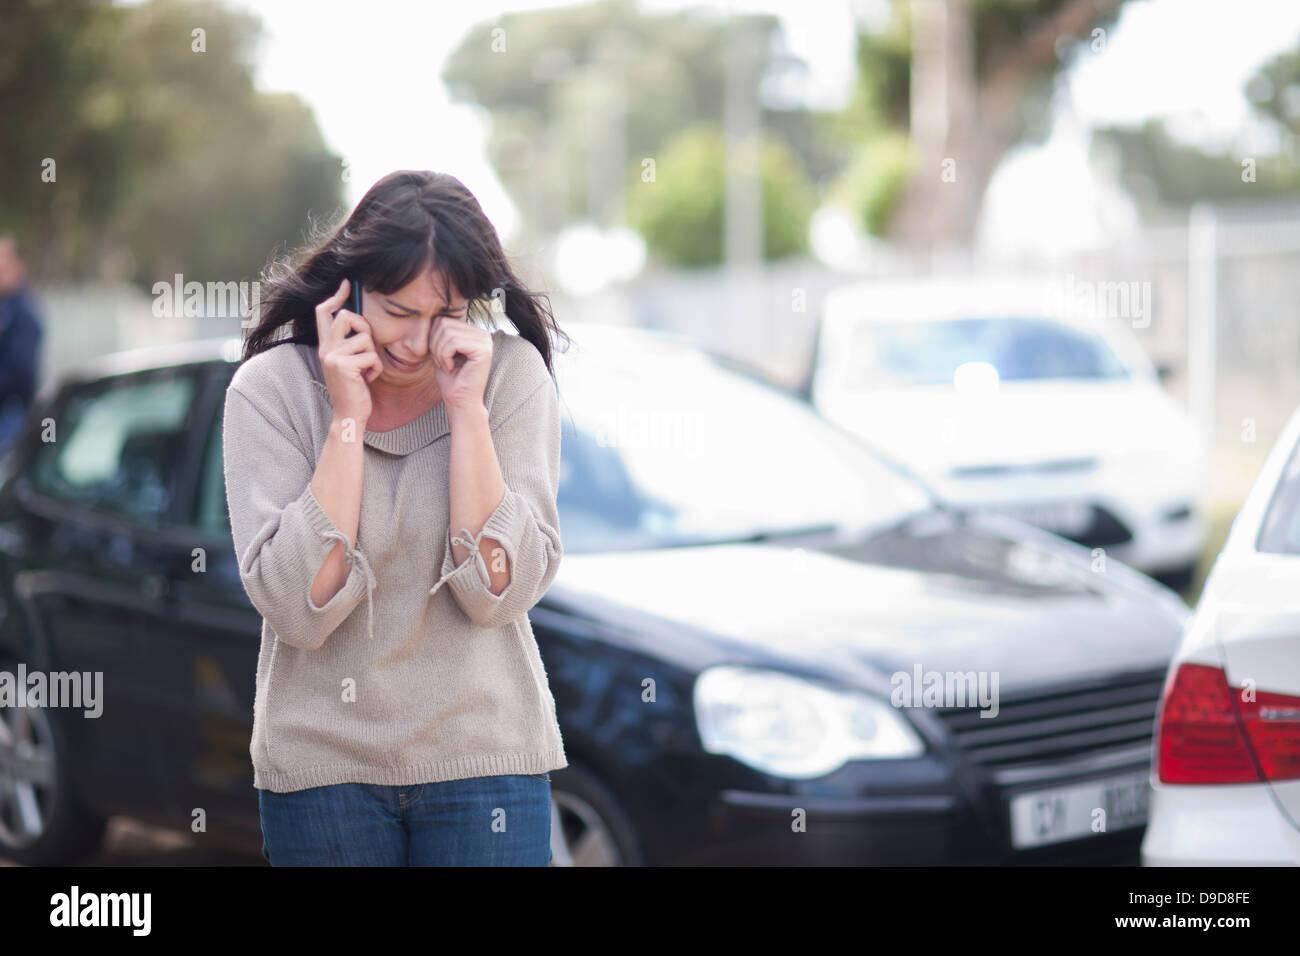 Mujer llorando después del accidente de coche Imagen De Stock